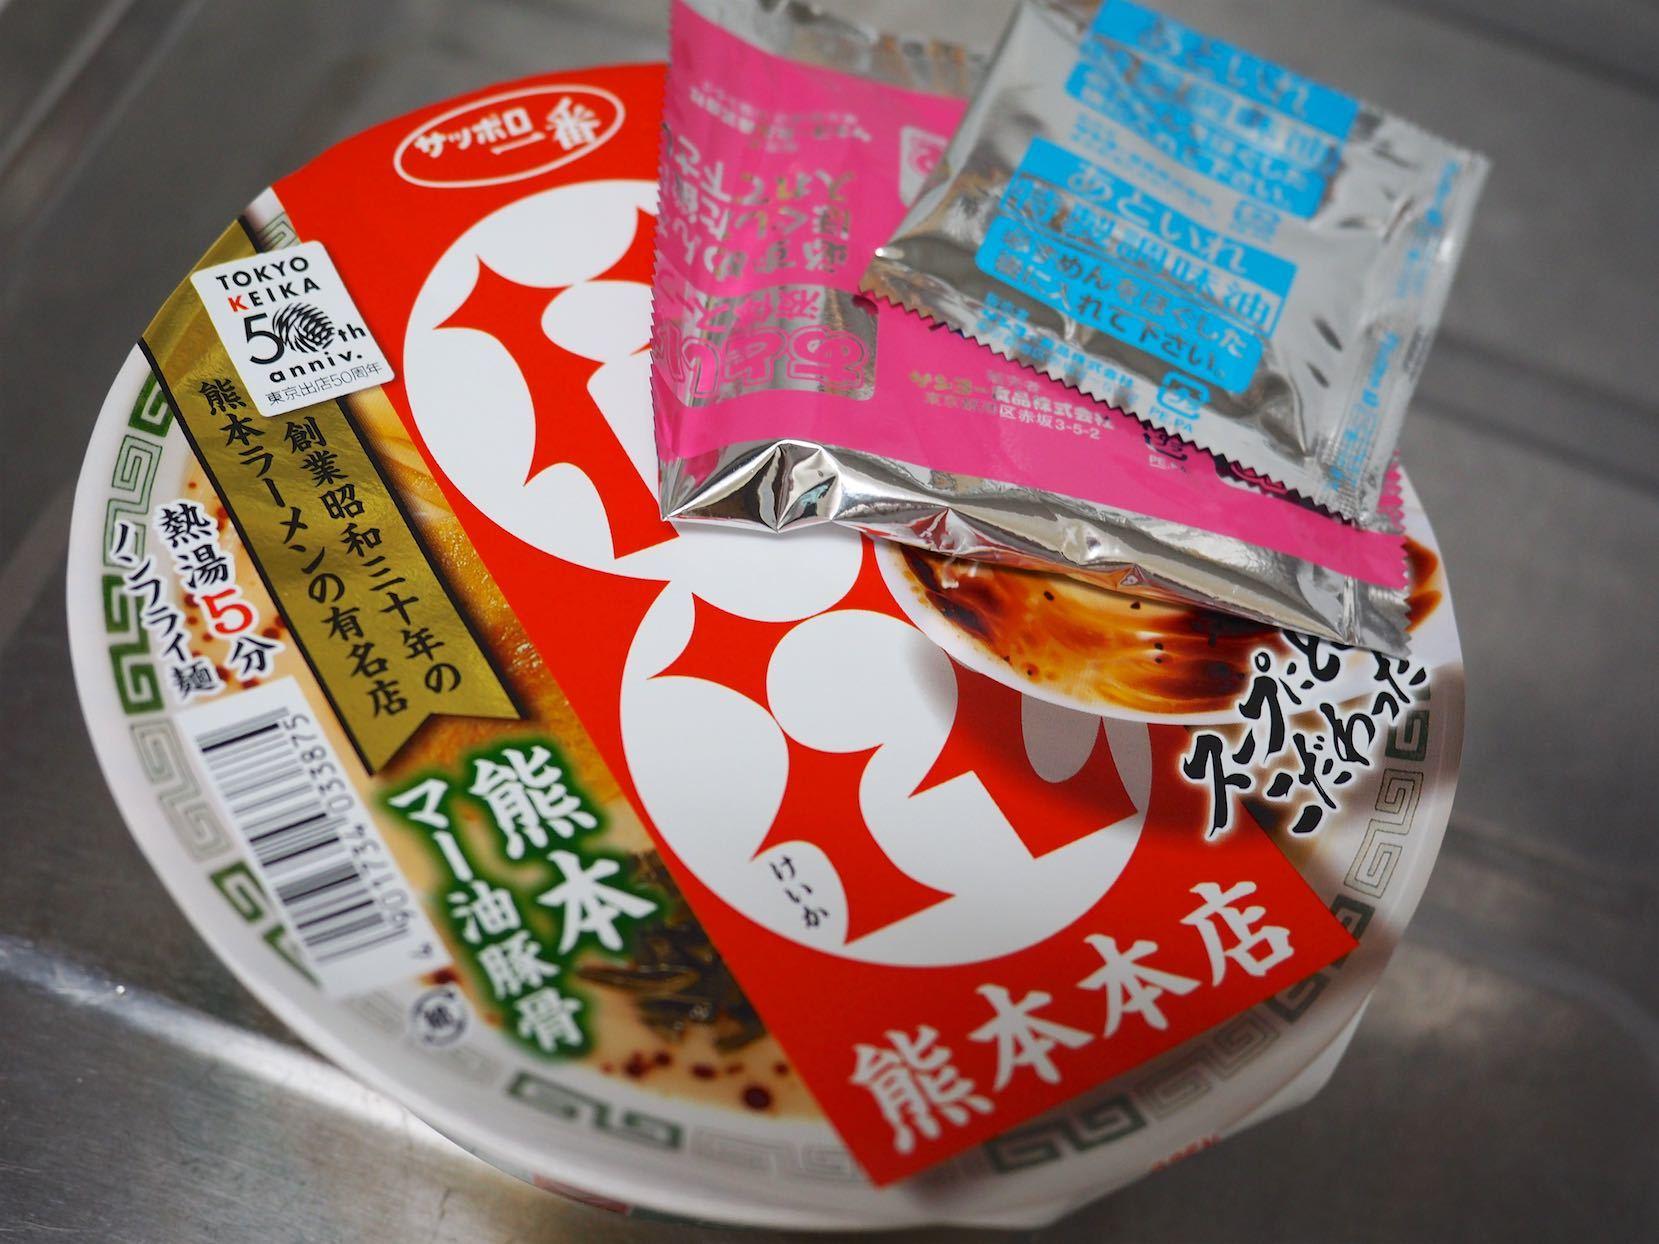 サンヨー食品 サッポロ一番 名店の味 桂花 熊本マー油豚骨を食べる_b0360240_23254481.jpg